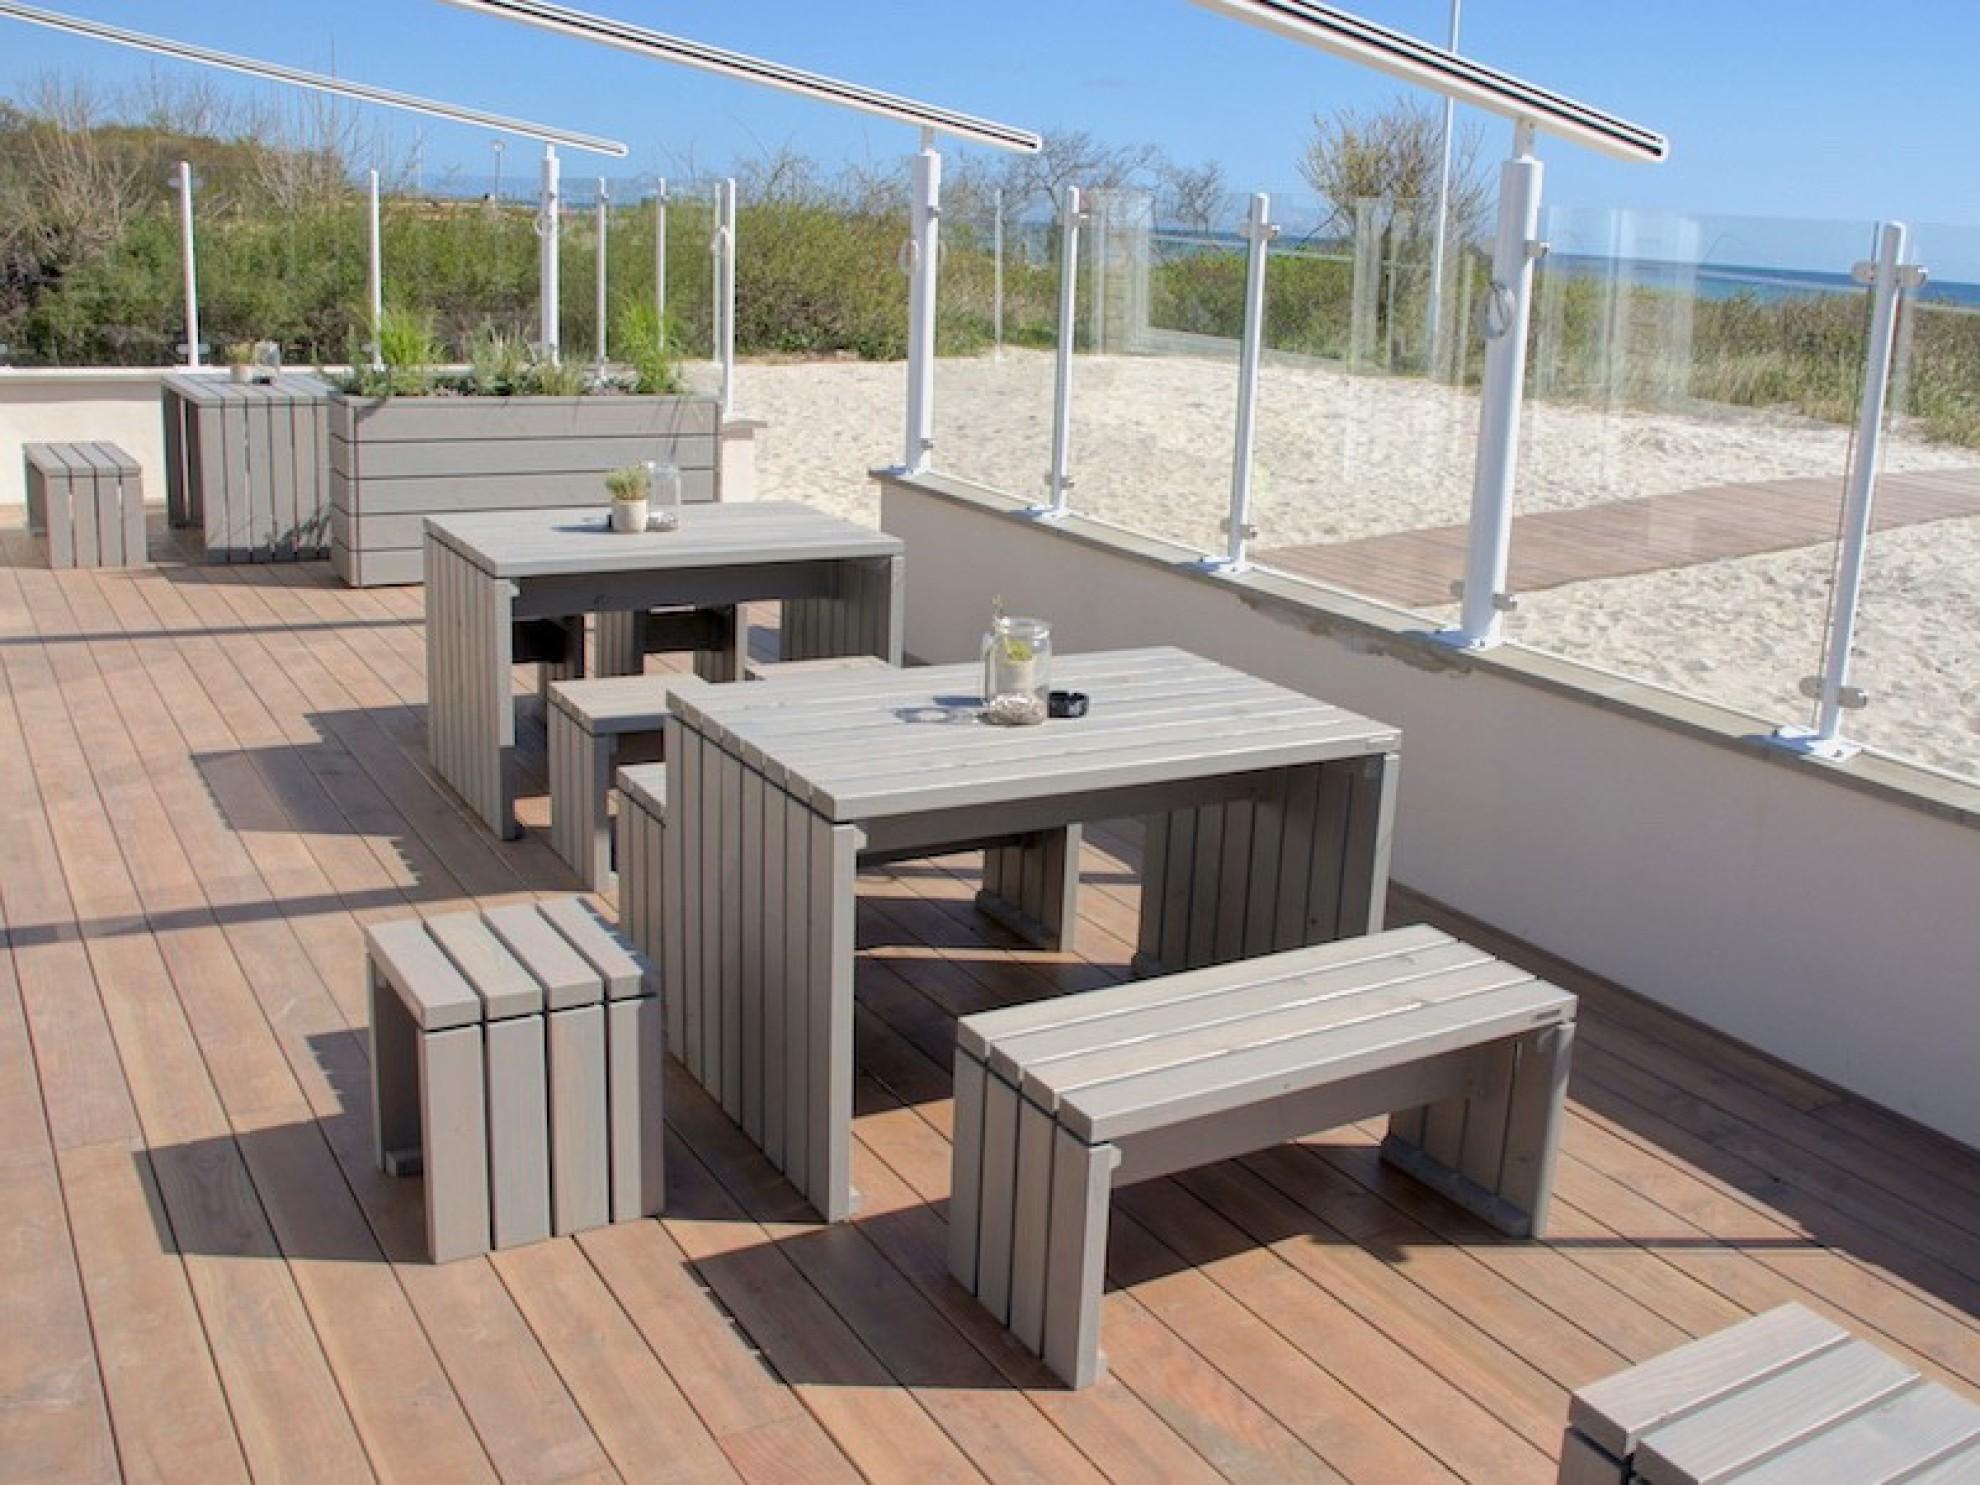 Gartenmöbel aus holz modern  Gartenmöbel Set 1 - Zeitlose Gartenmöbel aus heimischem Holz